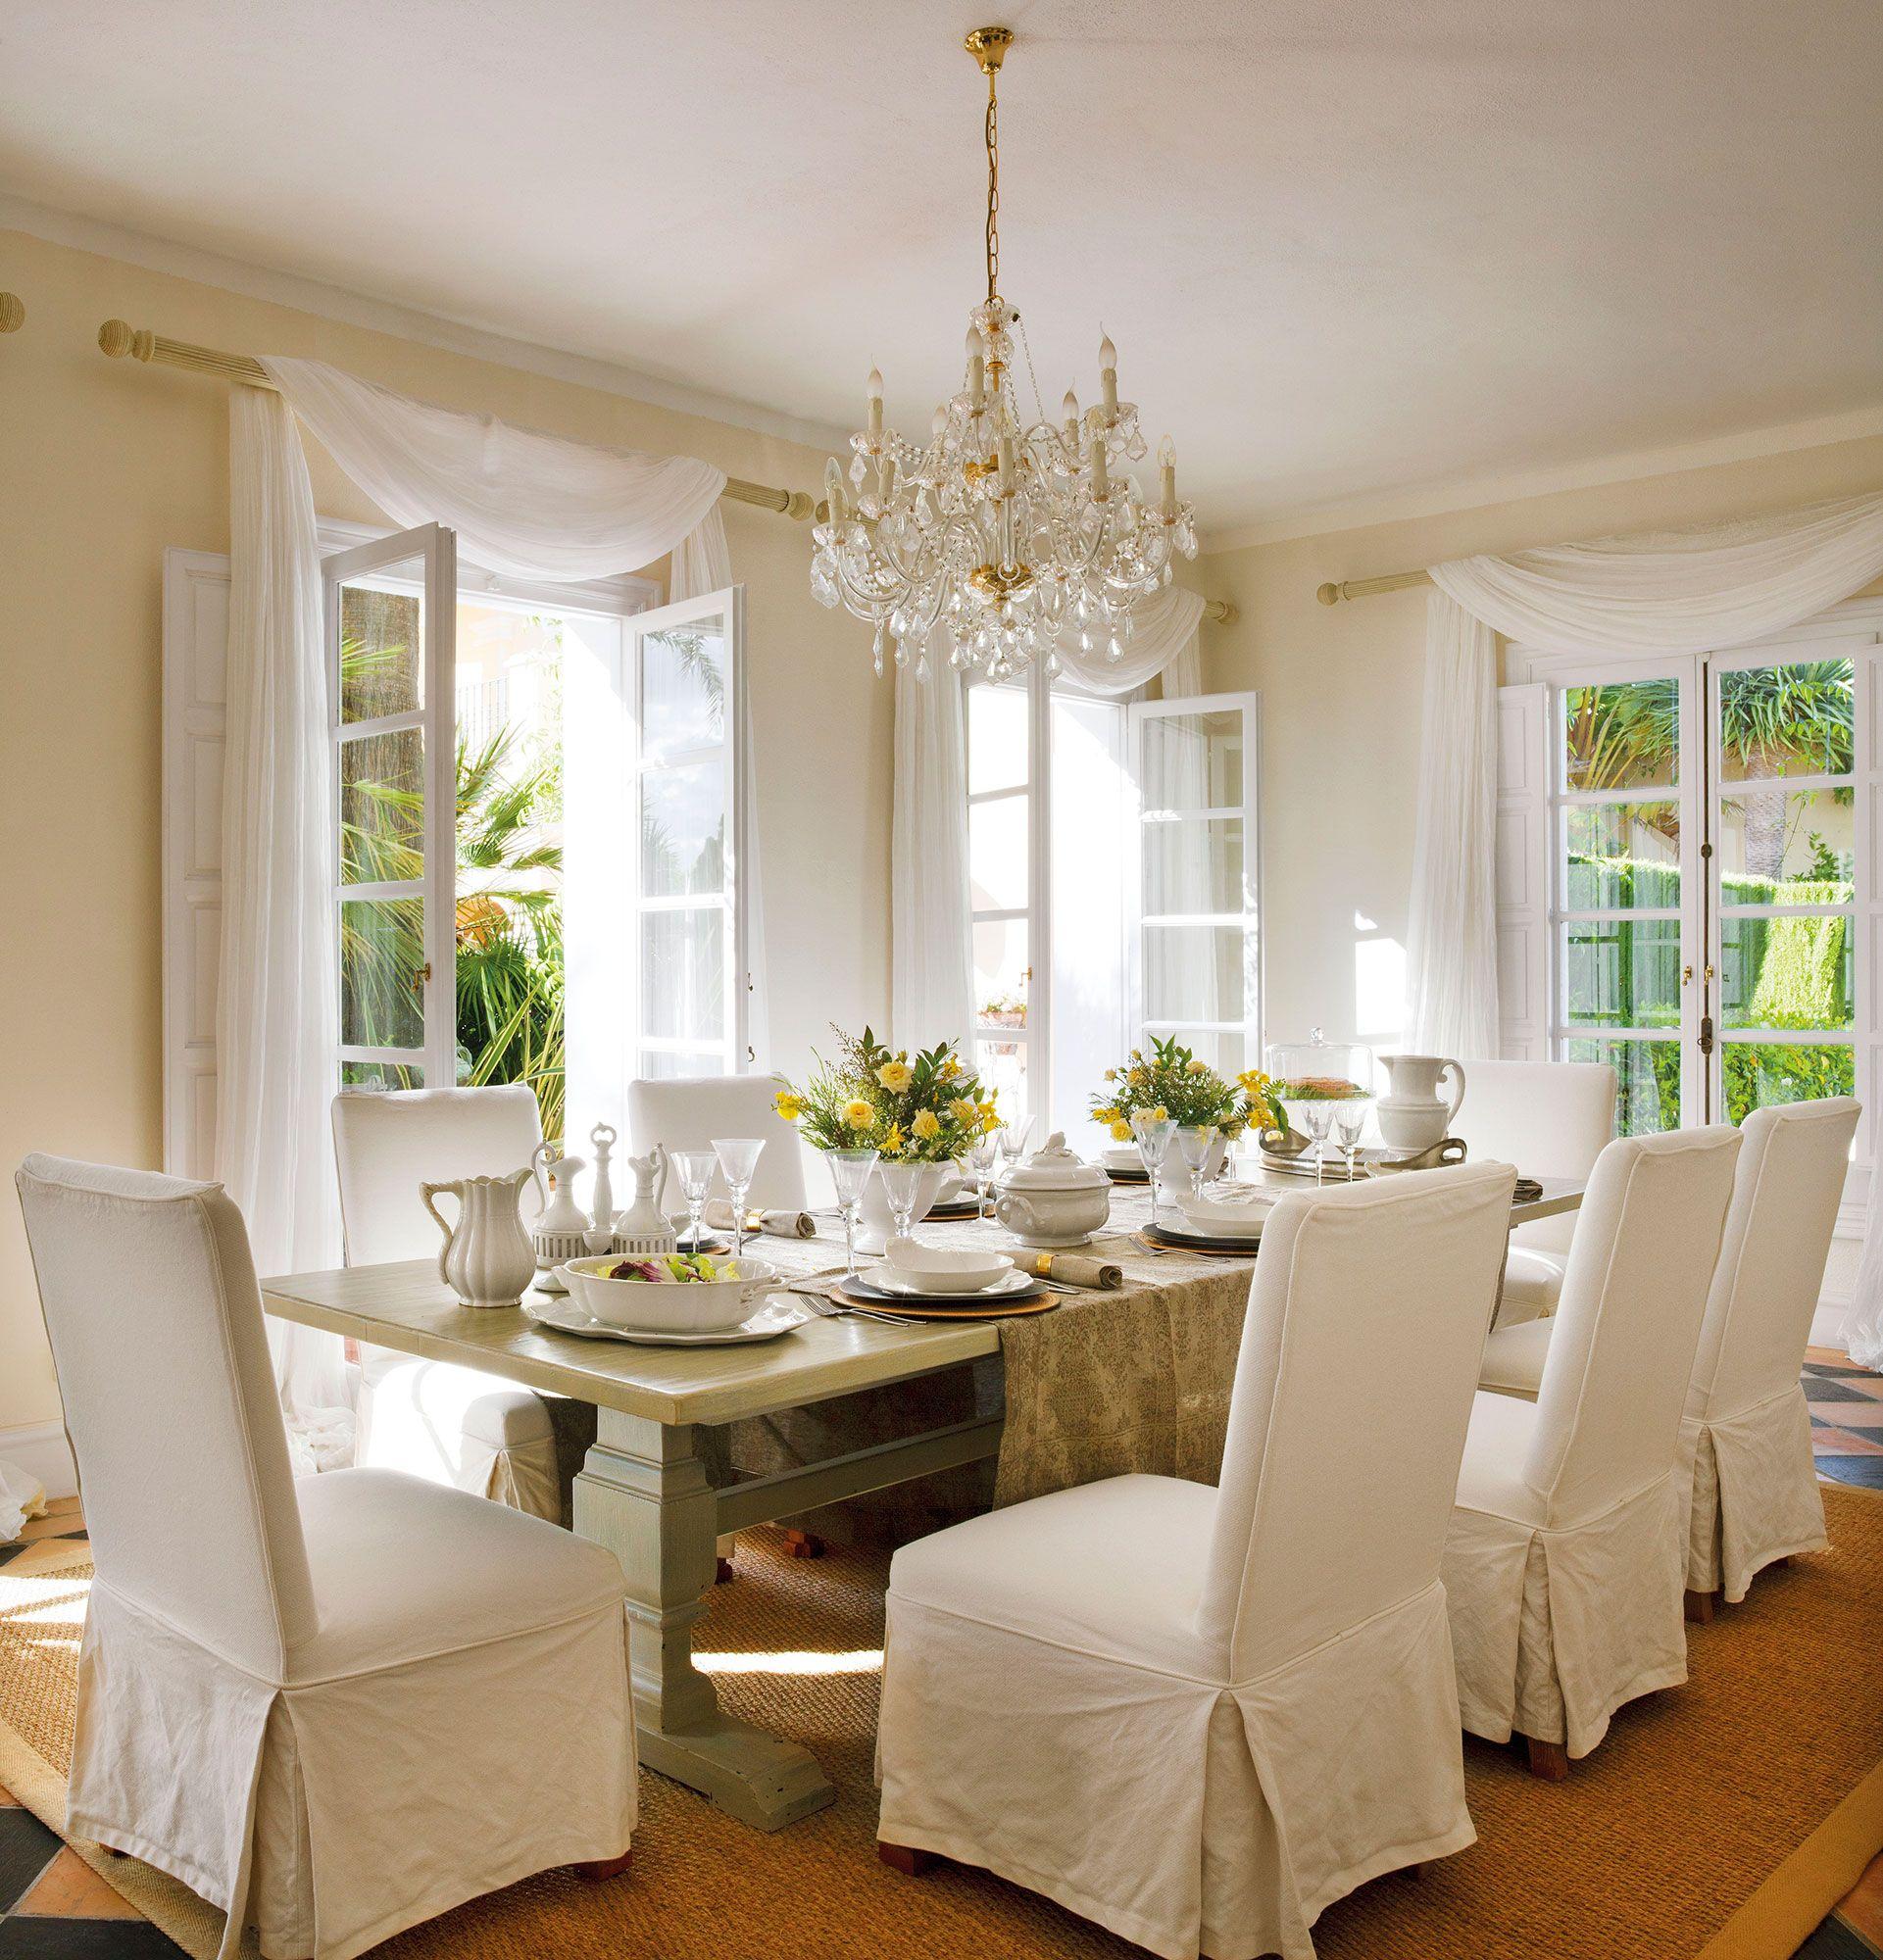 Comedor cl sico con gran mesa de madera y sillas con for Decoracion comedor clasico